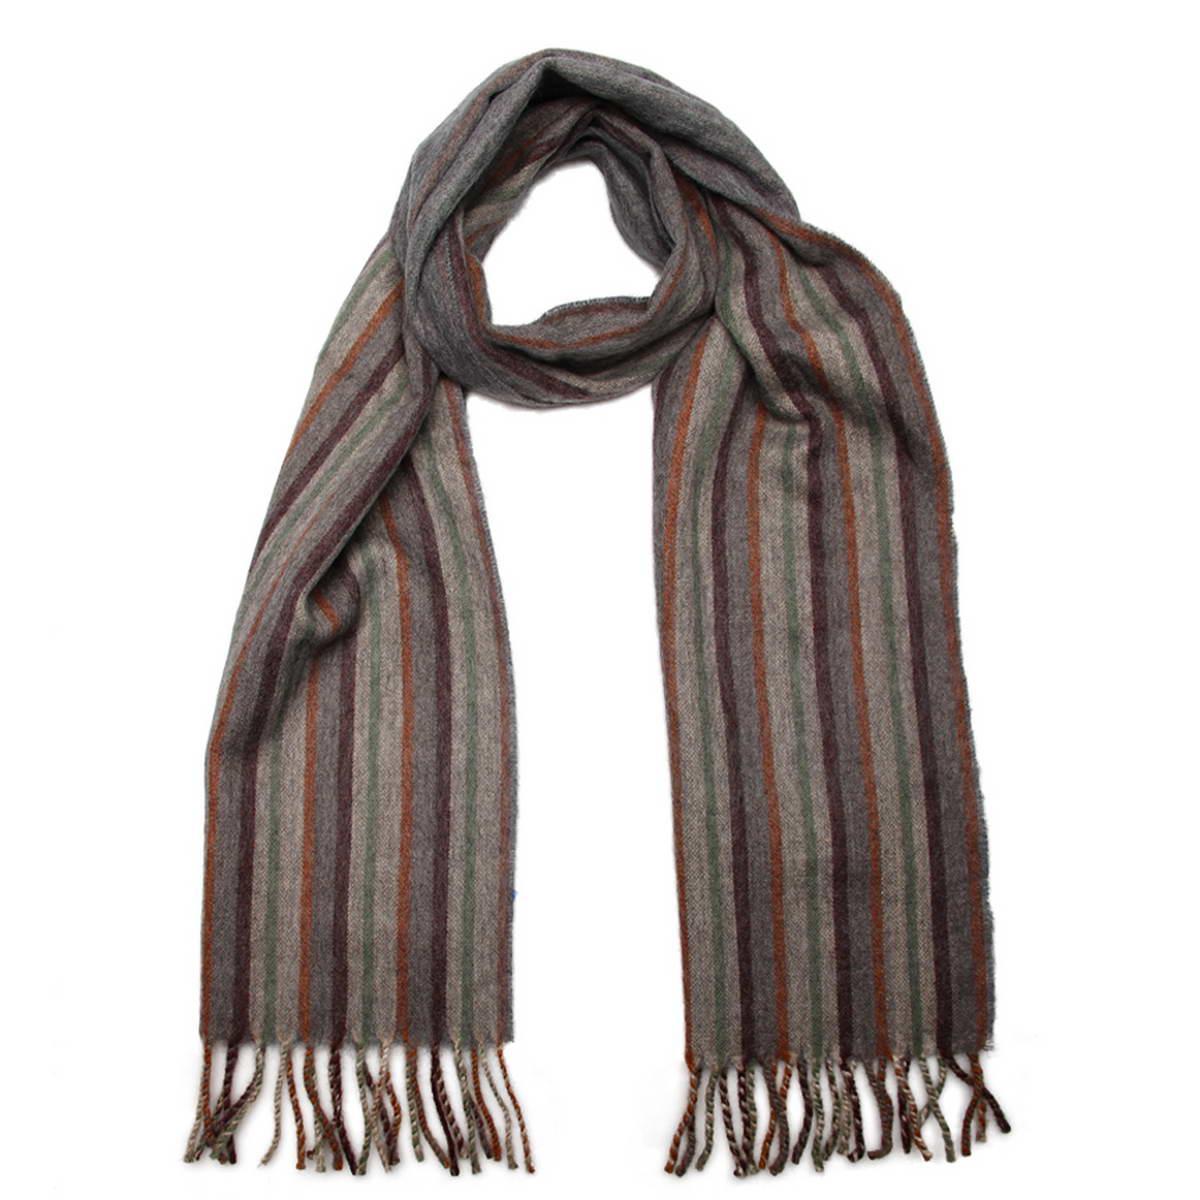 Шарф5001432-9Элегантный мужской шарф Venera согреет вас в холодное время года, а также станет изысканным аксессуаром, который призван подчеркнуть ваш стиль и индивидуальность. Оригинальный теплый шарф выполнен из высококачественной шерстяной пряжи. Шарф оформлен узором в узкую полоску и дополнен бахромой в виде жгутиков по краю. Такой шарф станет превосходным дополнением к любому наряду, защитит вас от ветра и холода и позволит вам создать свой неповторимый стиль.